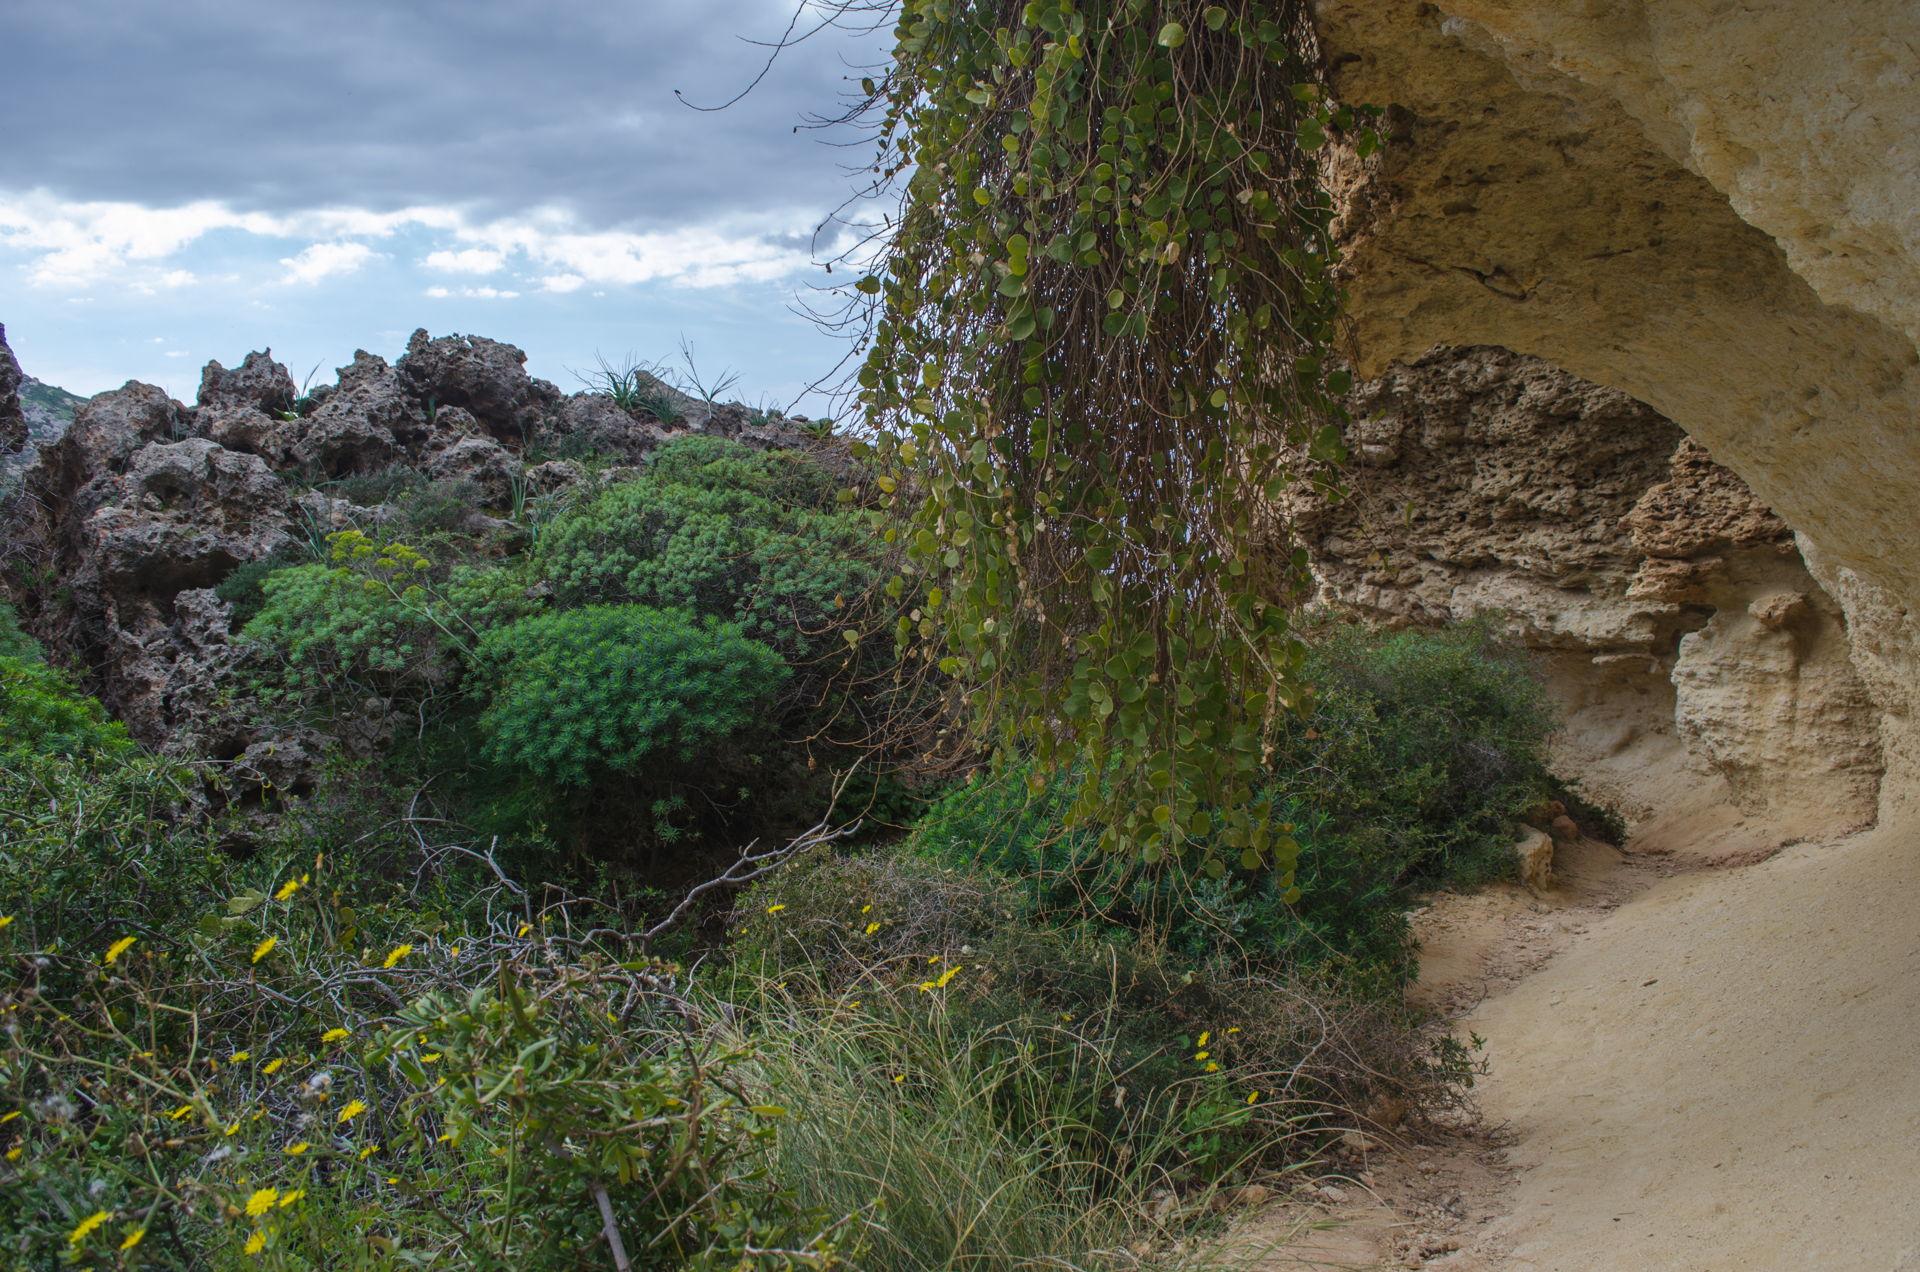 Għajn Tuffieħa, Għajn Tuffieħa golden bay, Għajn Tuffieħa malta, golden bay malta, malta hiking, Għajn Tuffieħa hike